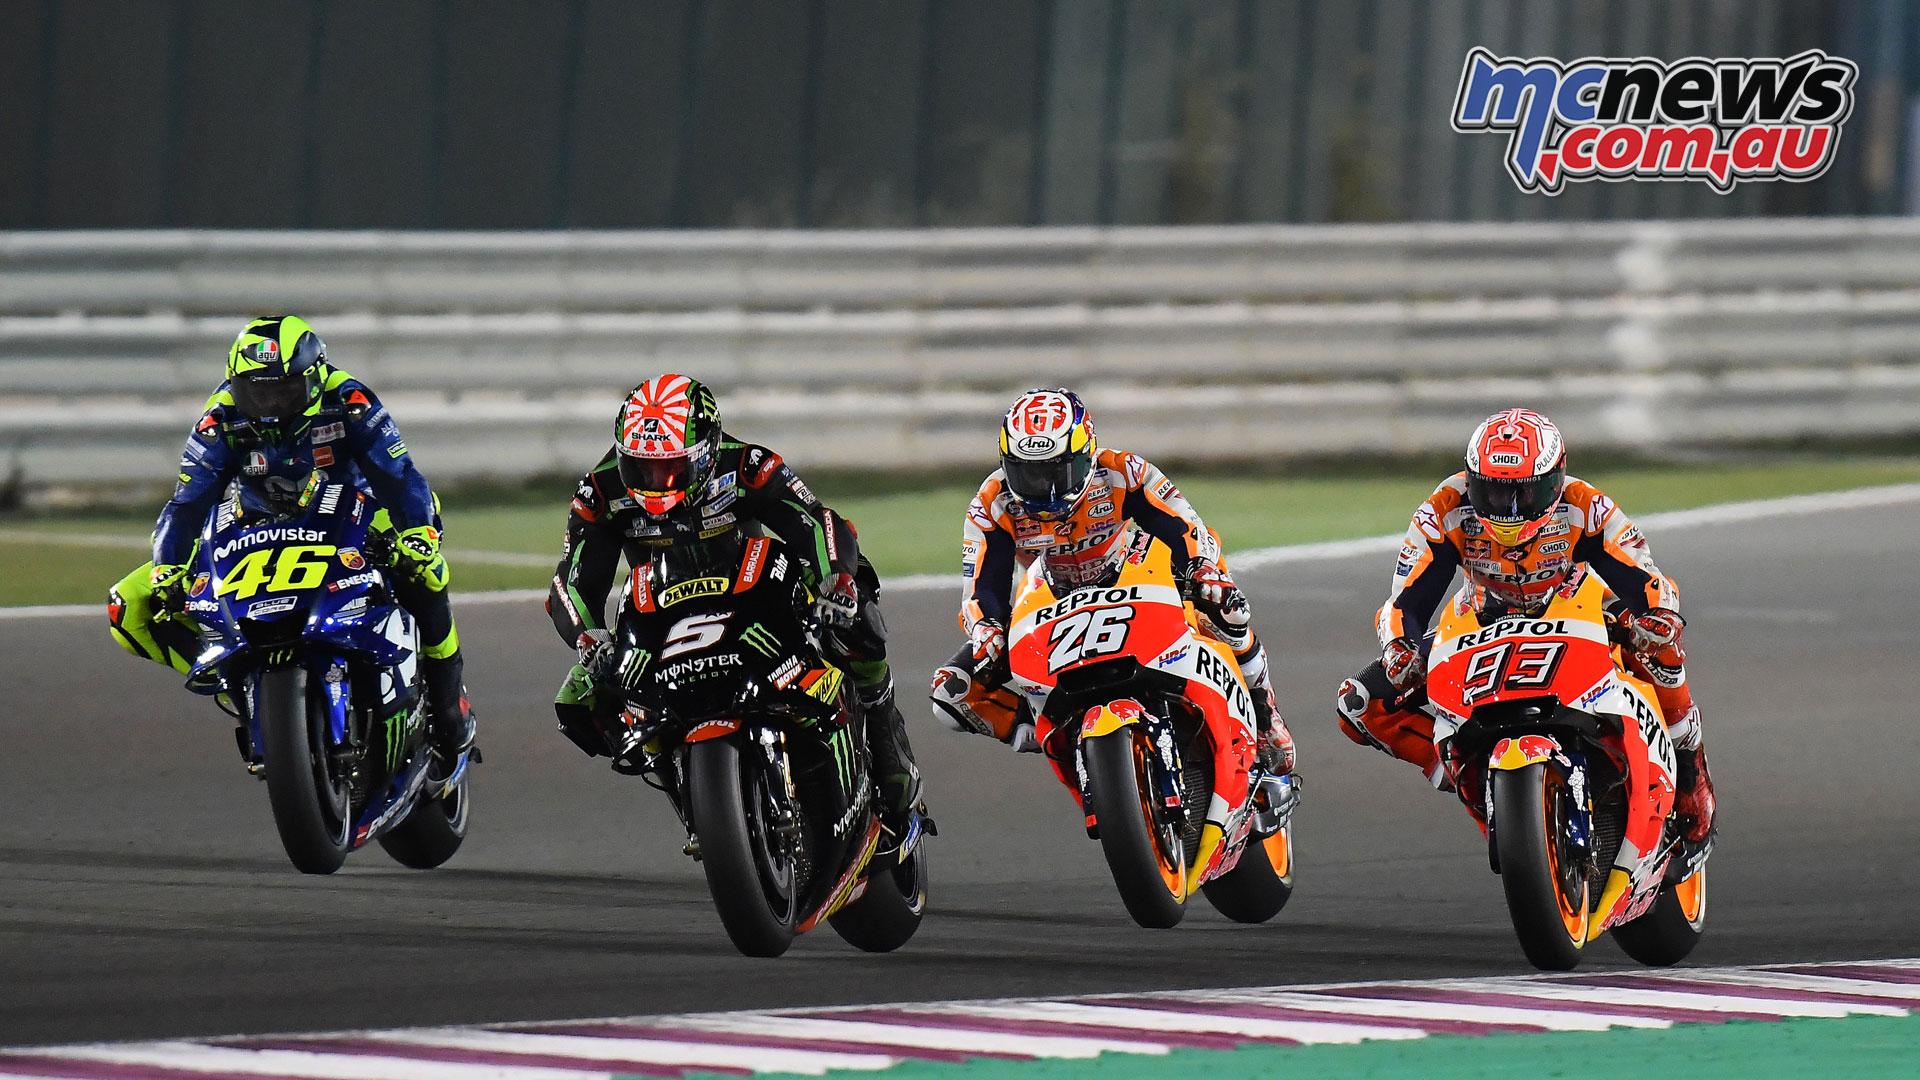 Boris recaps the Qatar MotoGP as only he can... | MCNews.com.au